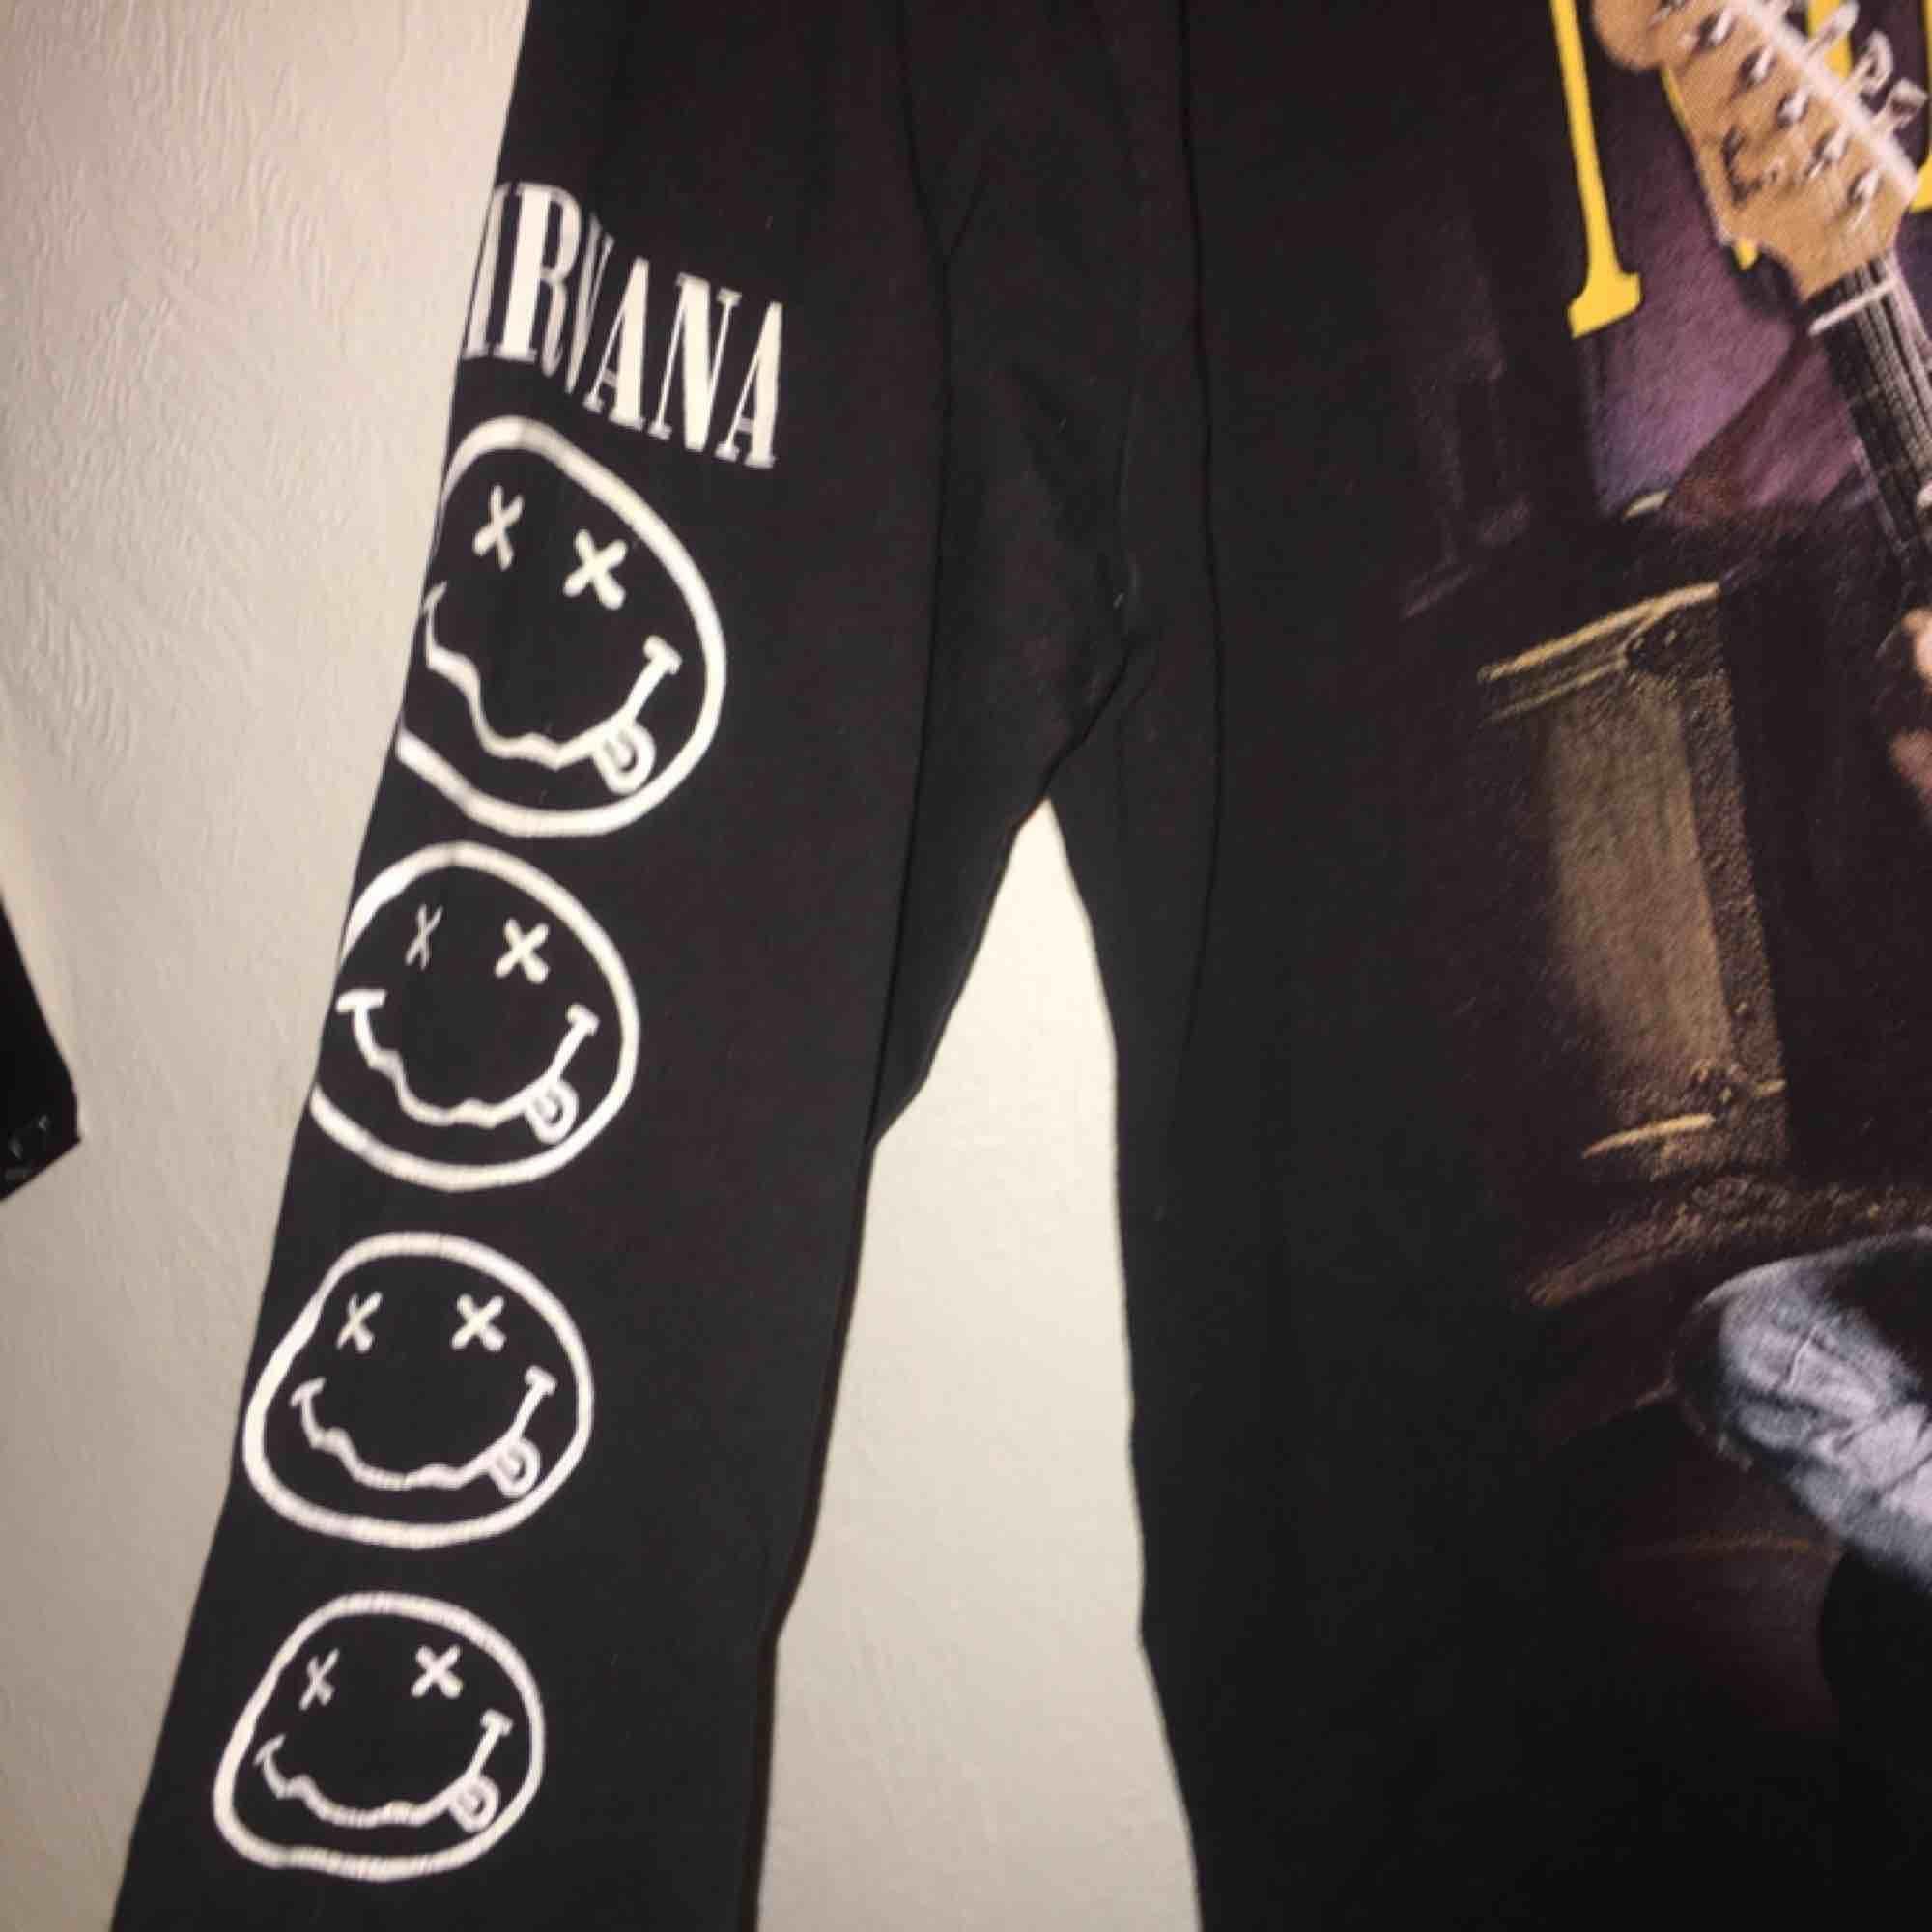 Unik Nirvana Kurt Cobain tröja stl L men jag som M tycker den sitter lika bra. Betalning sker via swish och köpare står för ev frakt!. Tröjor & Koftor.